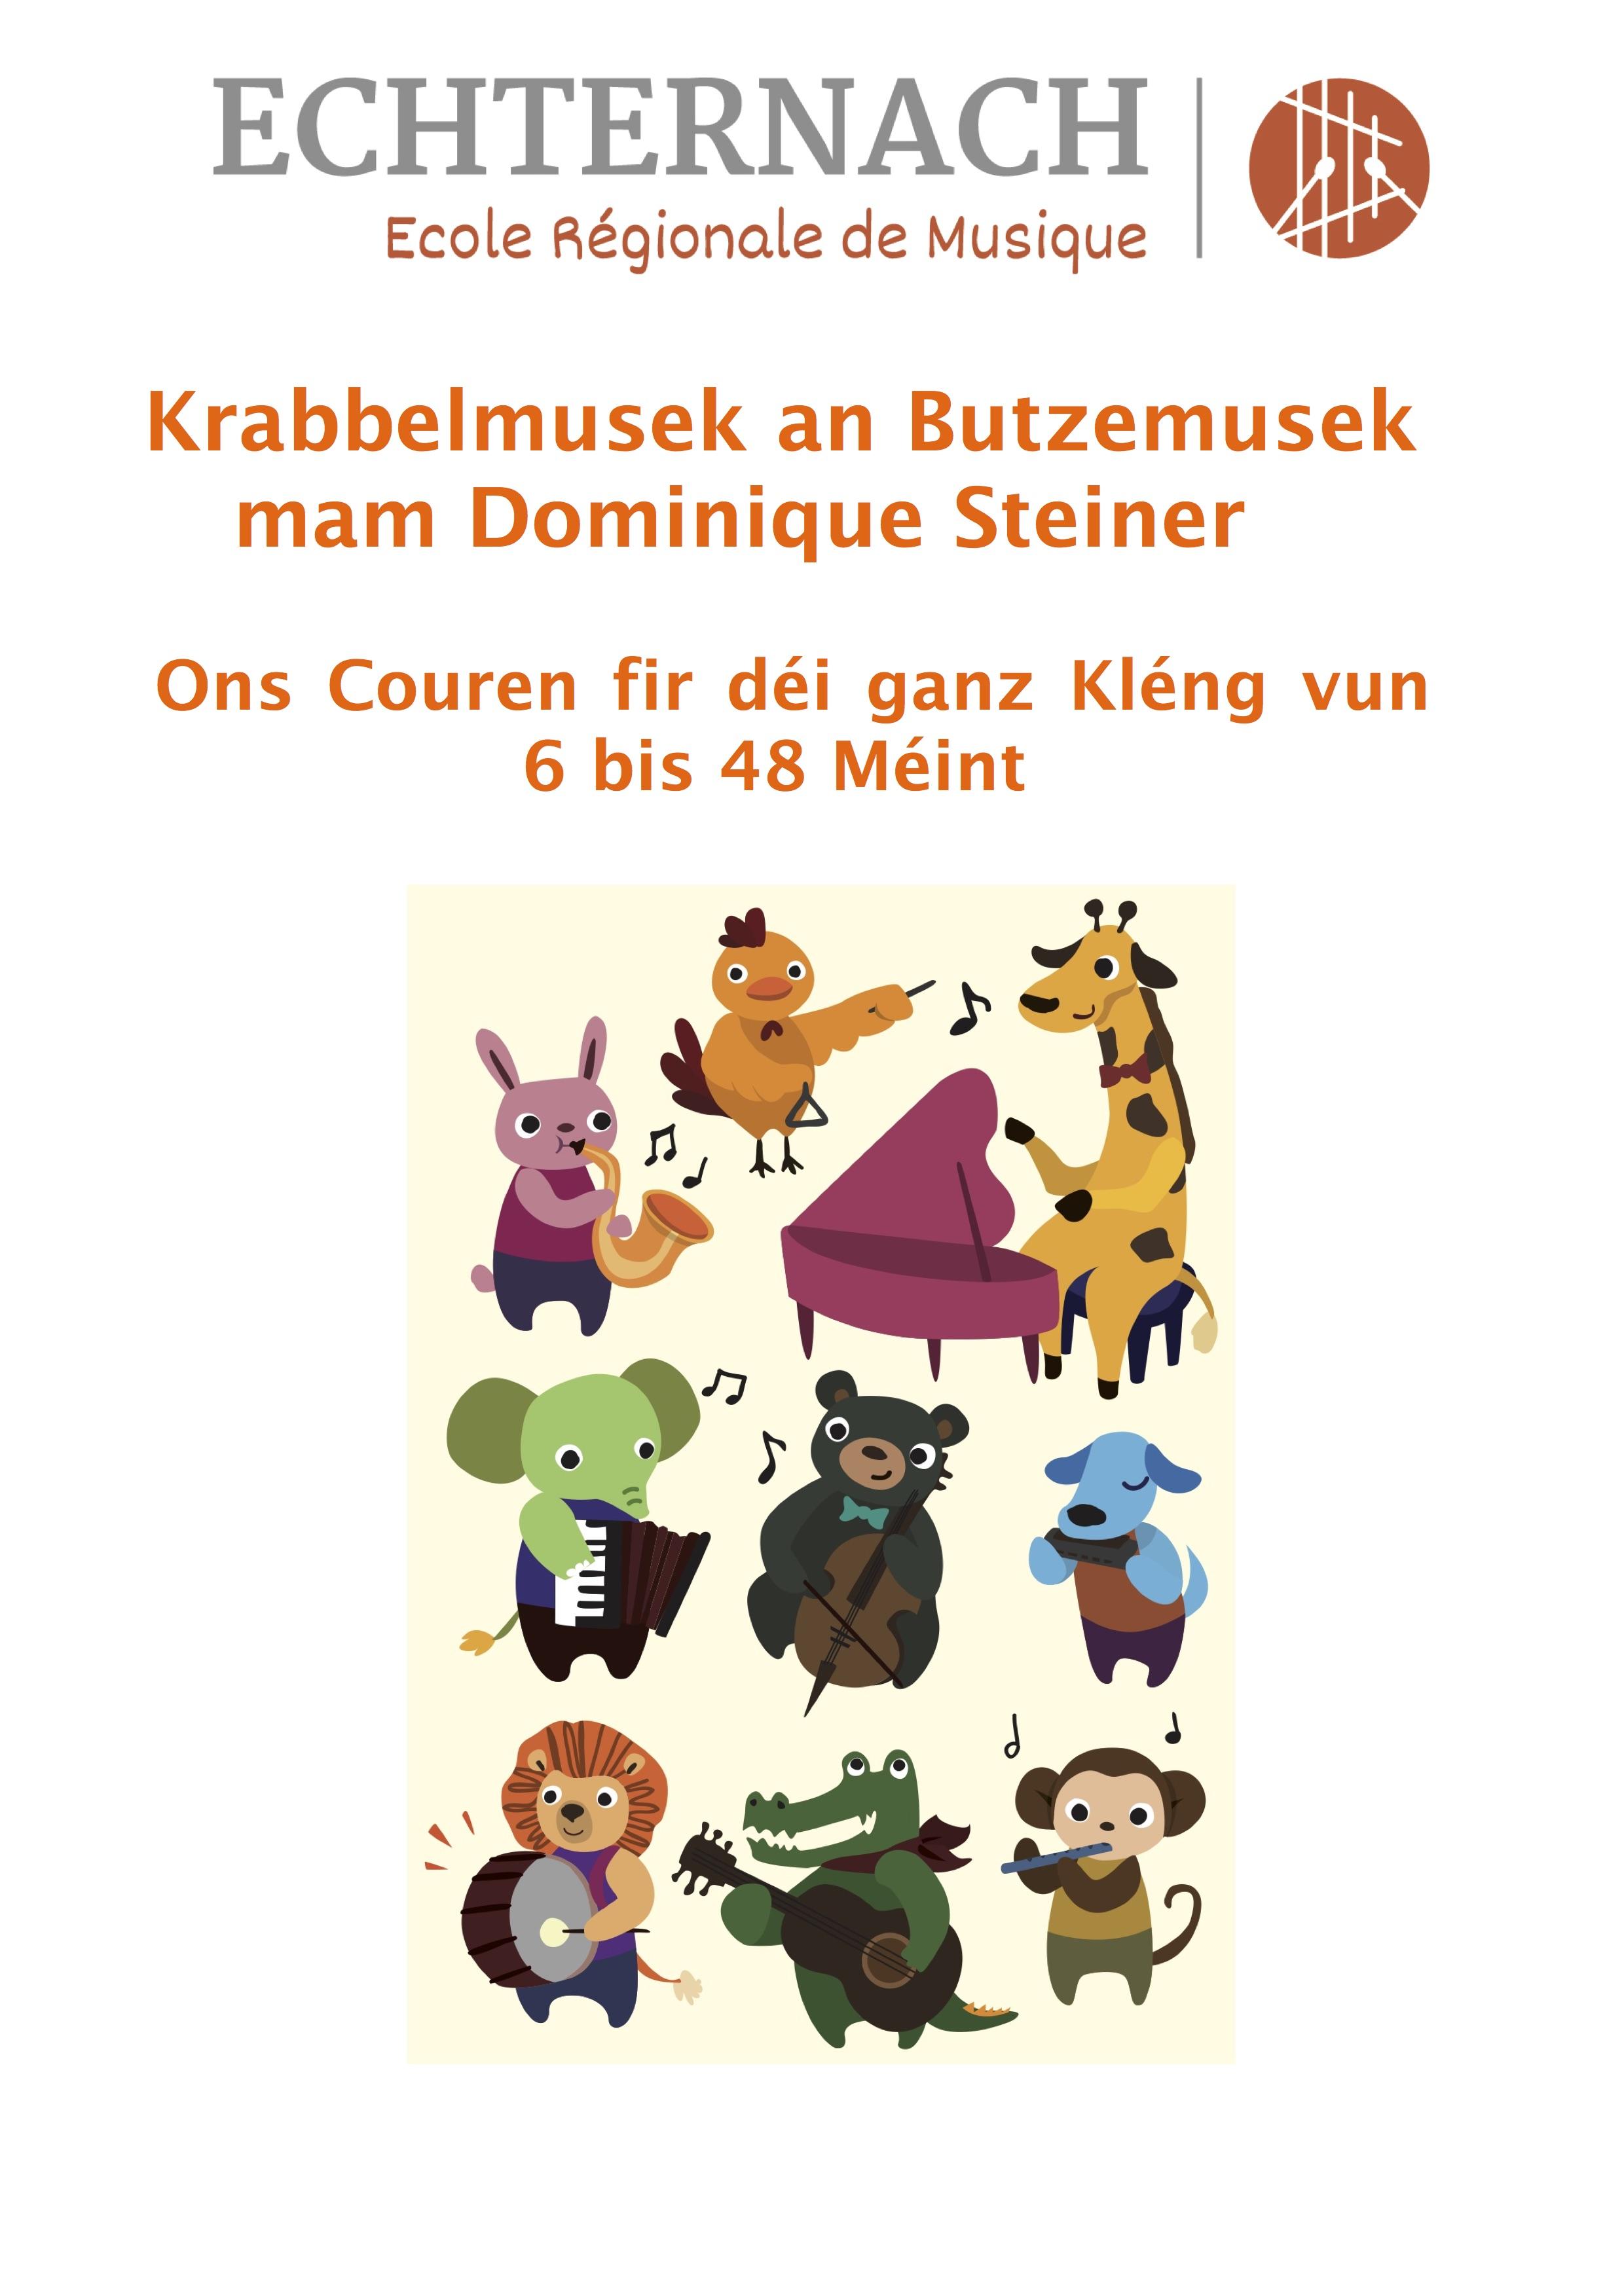 Butzemusek an Krabbelmusek Flyer copy